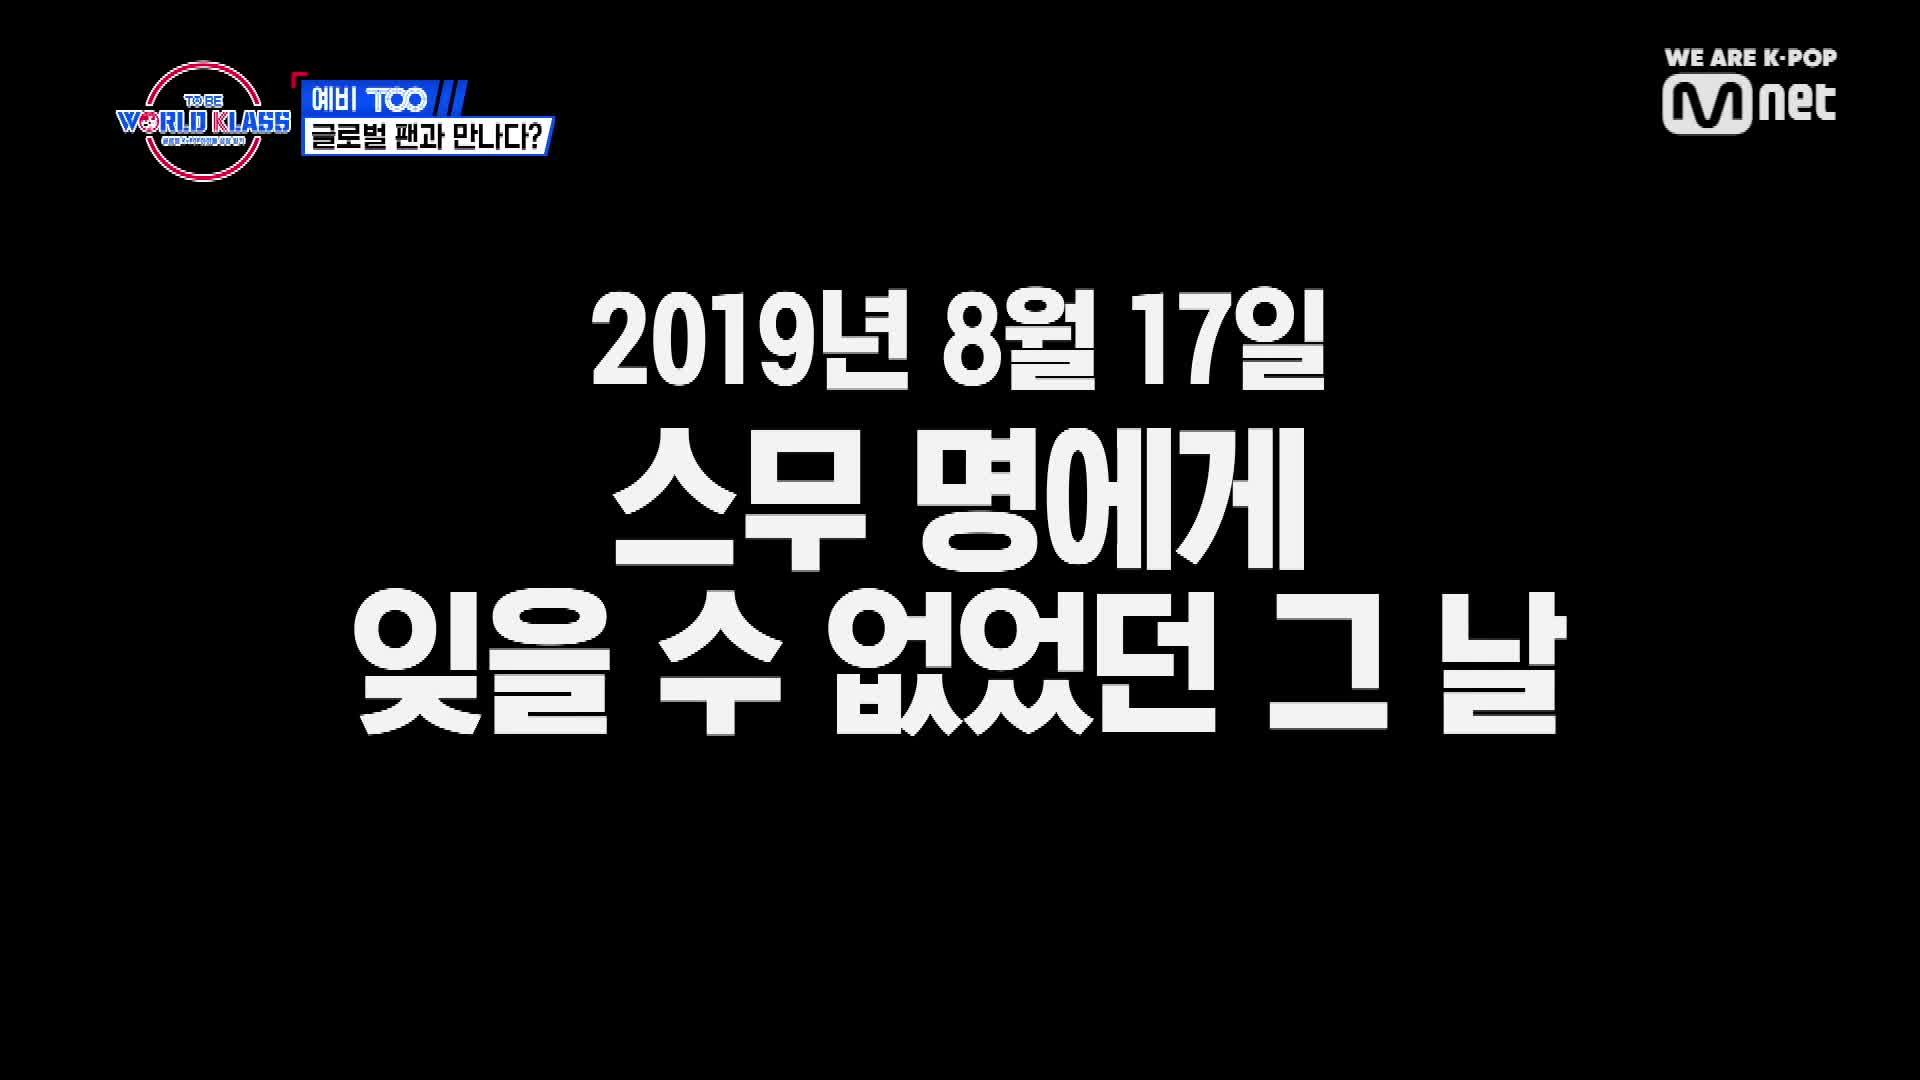 [7회] 'WE LOVE YOU' 팬, 친구들, 가족들의 따뜻한 영상편지